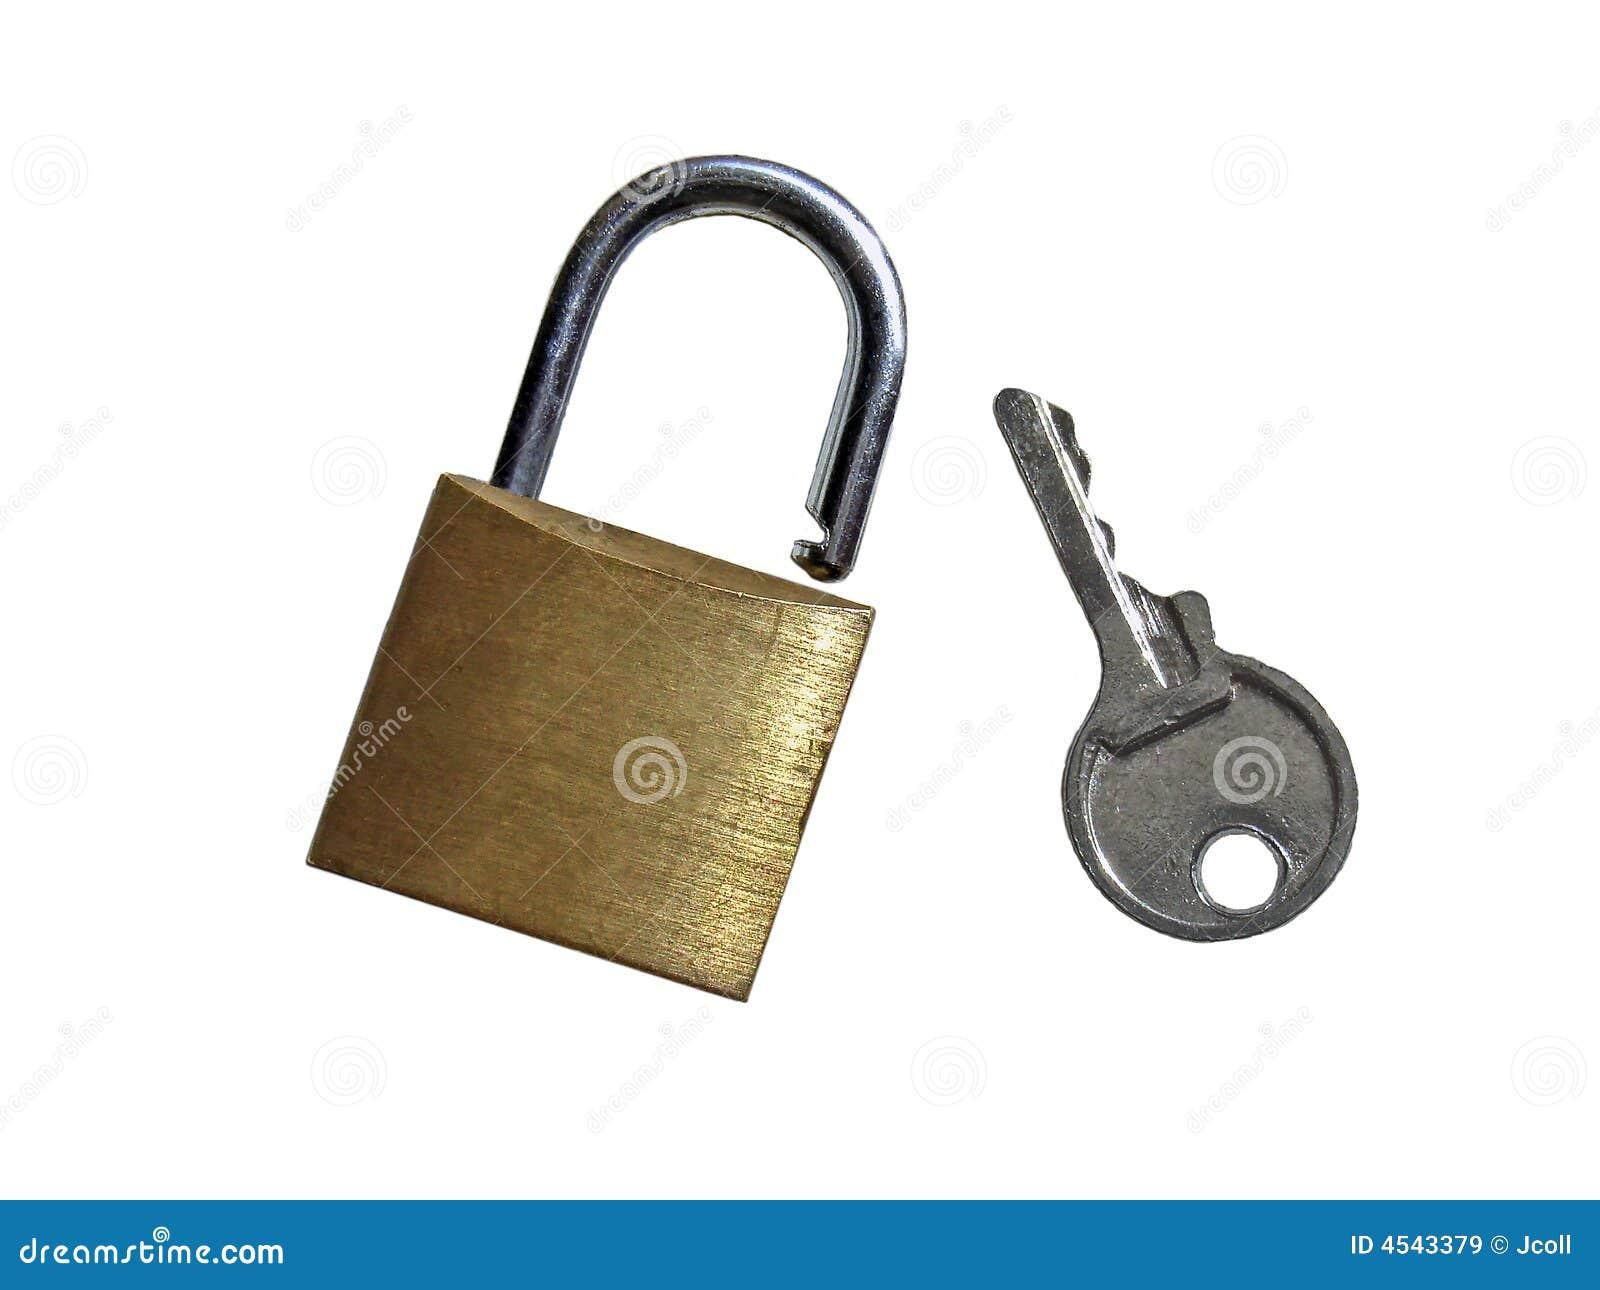 Padlock And Key Stock Image Image Of Iron Locked Bolt